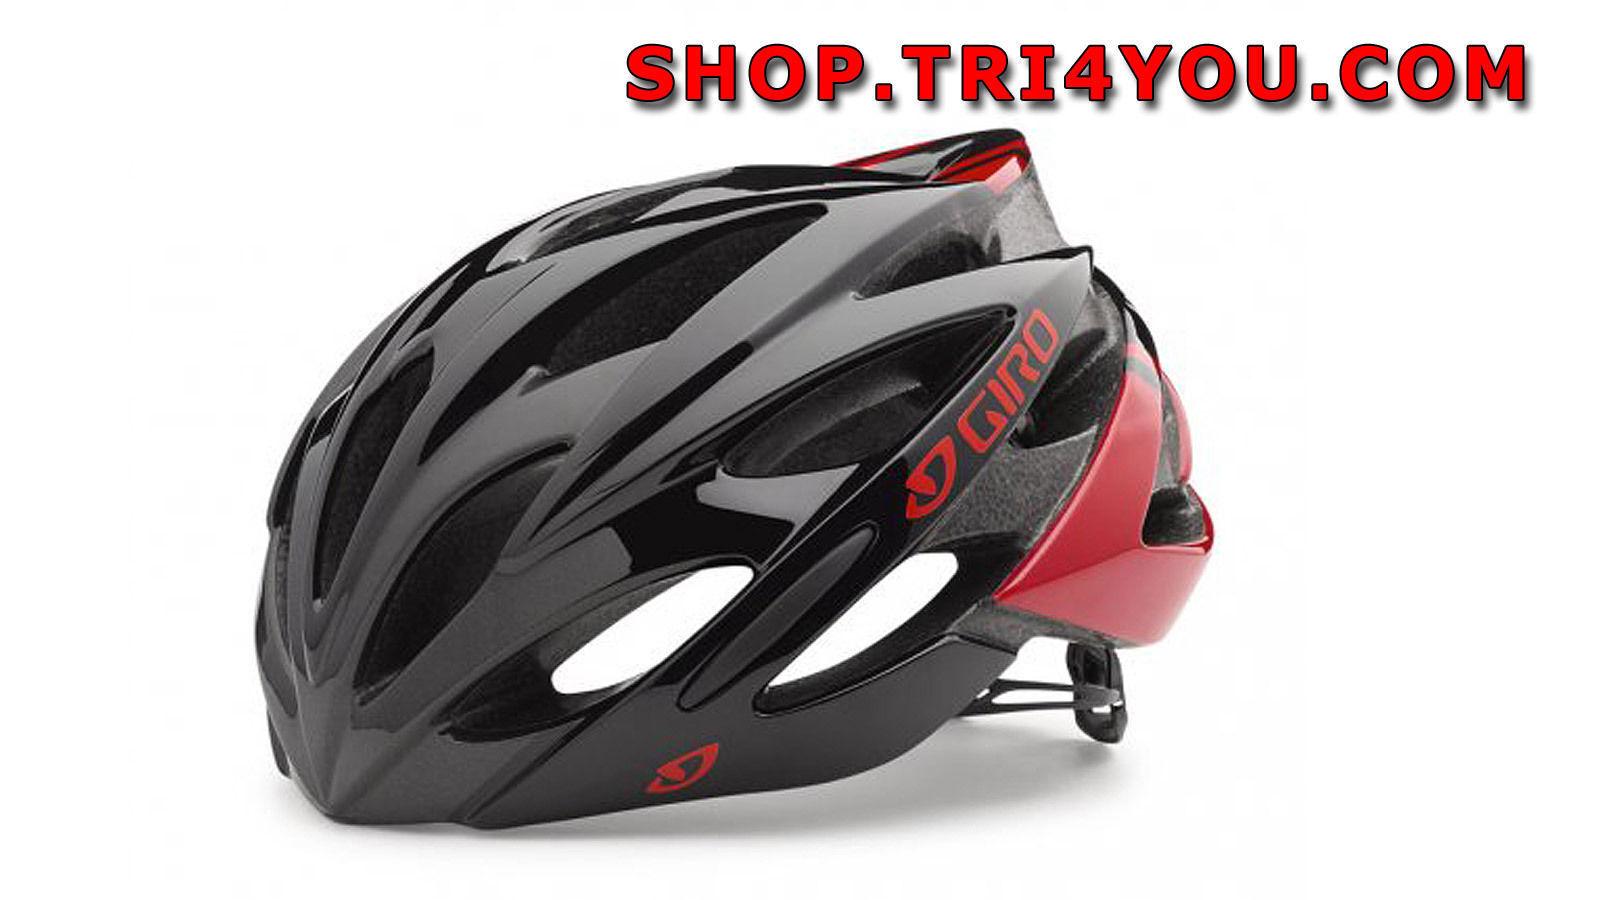 Giro Savant Vélo Vélo Vélo de Course Casque de Vélo 2016 - Noir ,Blanc ou Rouge f31815